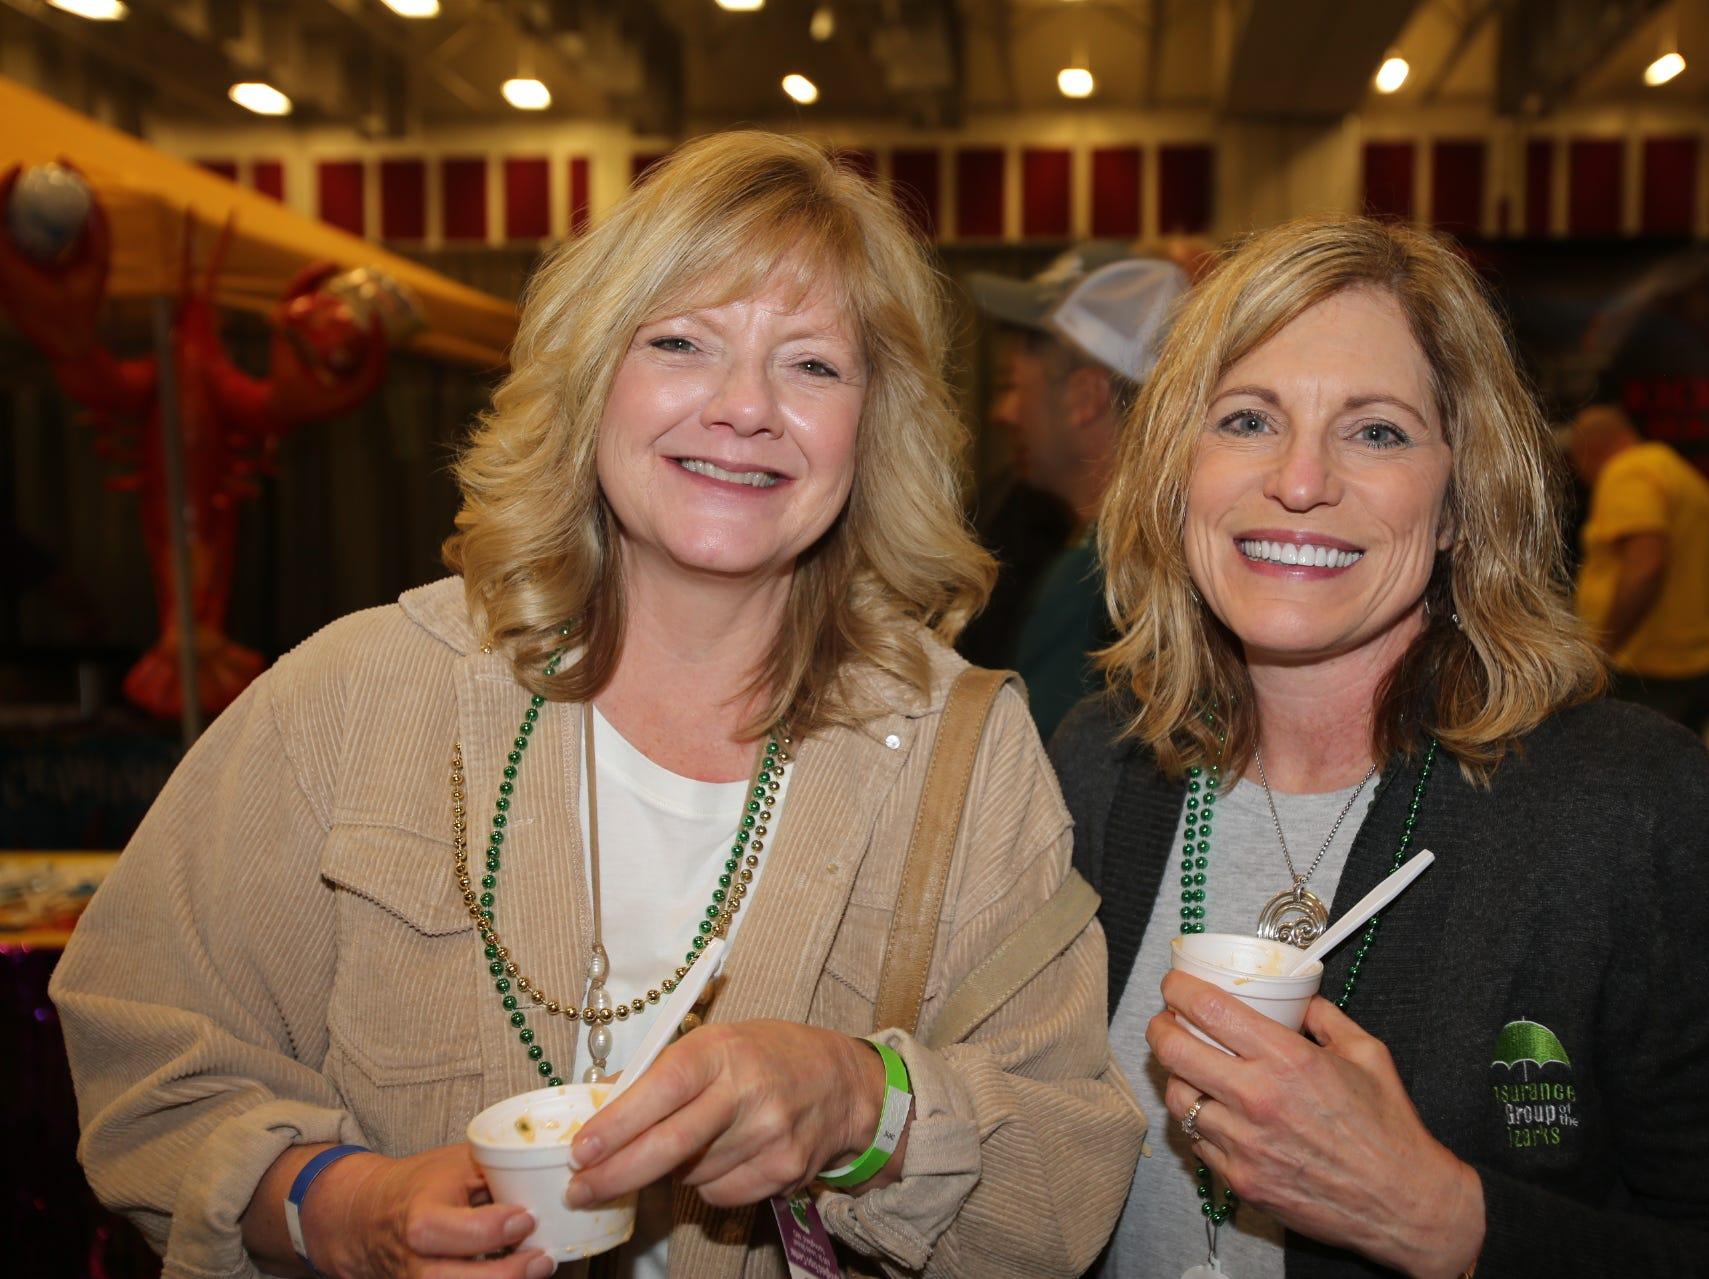 Lori Collette and Angie Serrano